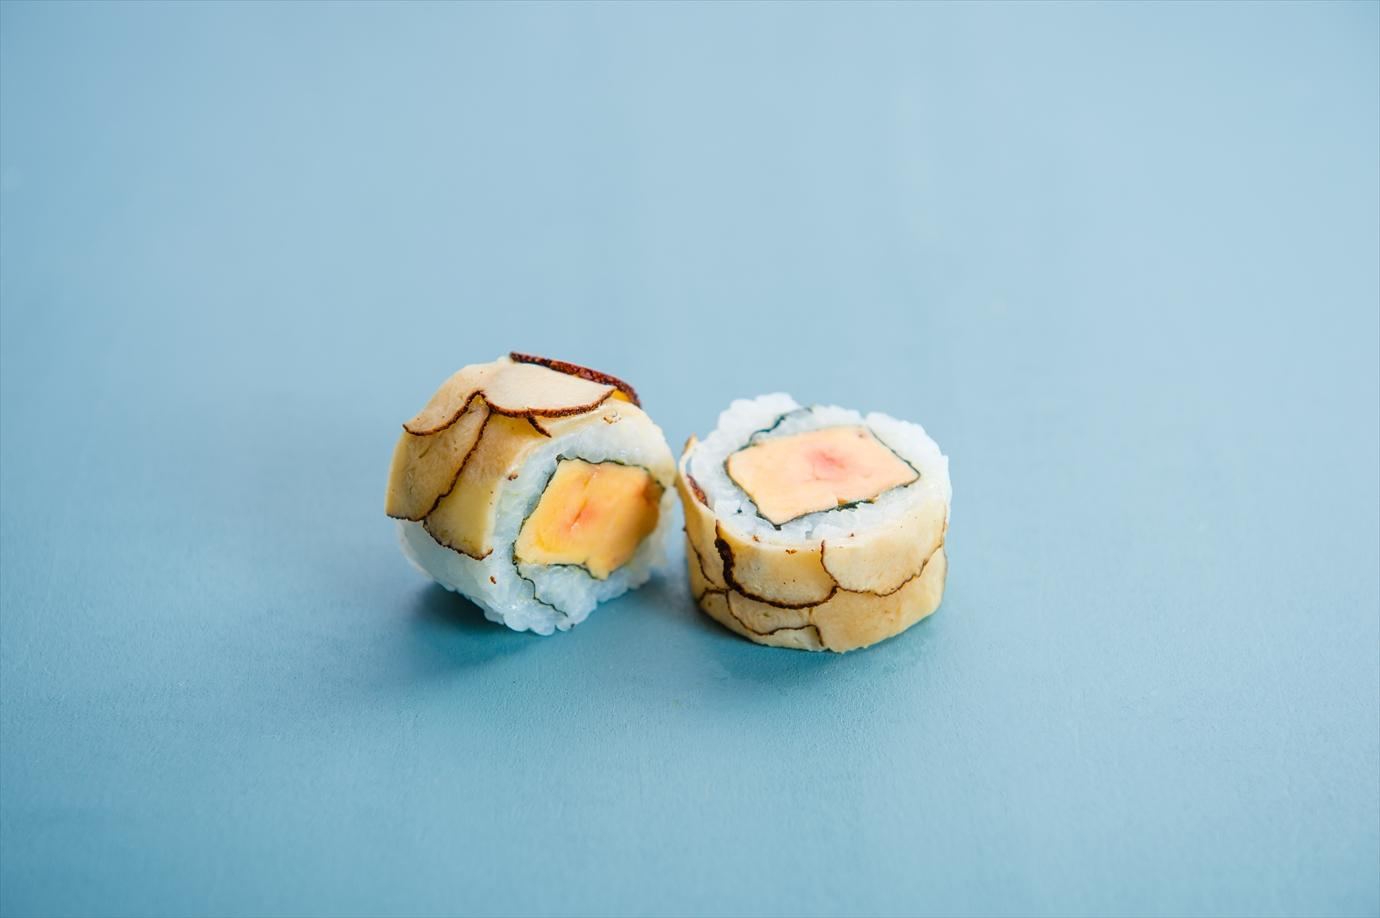 shari-the-tokyo-sushi-bar%e3%80%90%e3%83%ad%e3%83%bc%e3%83%ab%e5%af%bf%e5%8f%b8%e3%80%91%e3%83%88%e3%83%aa%e3%83%a5%e3%83%95-%e3%83%95%e3%82%a9%e3%82%a2%e3%82%af%e3%82%99%e3%83%a9%e3%83%ad%e3%83%bc